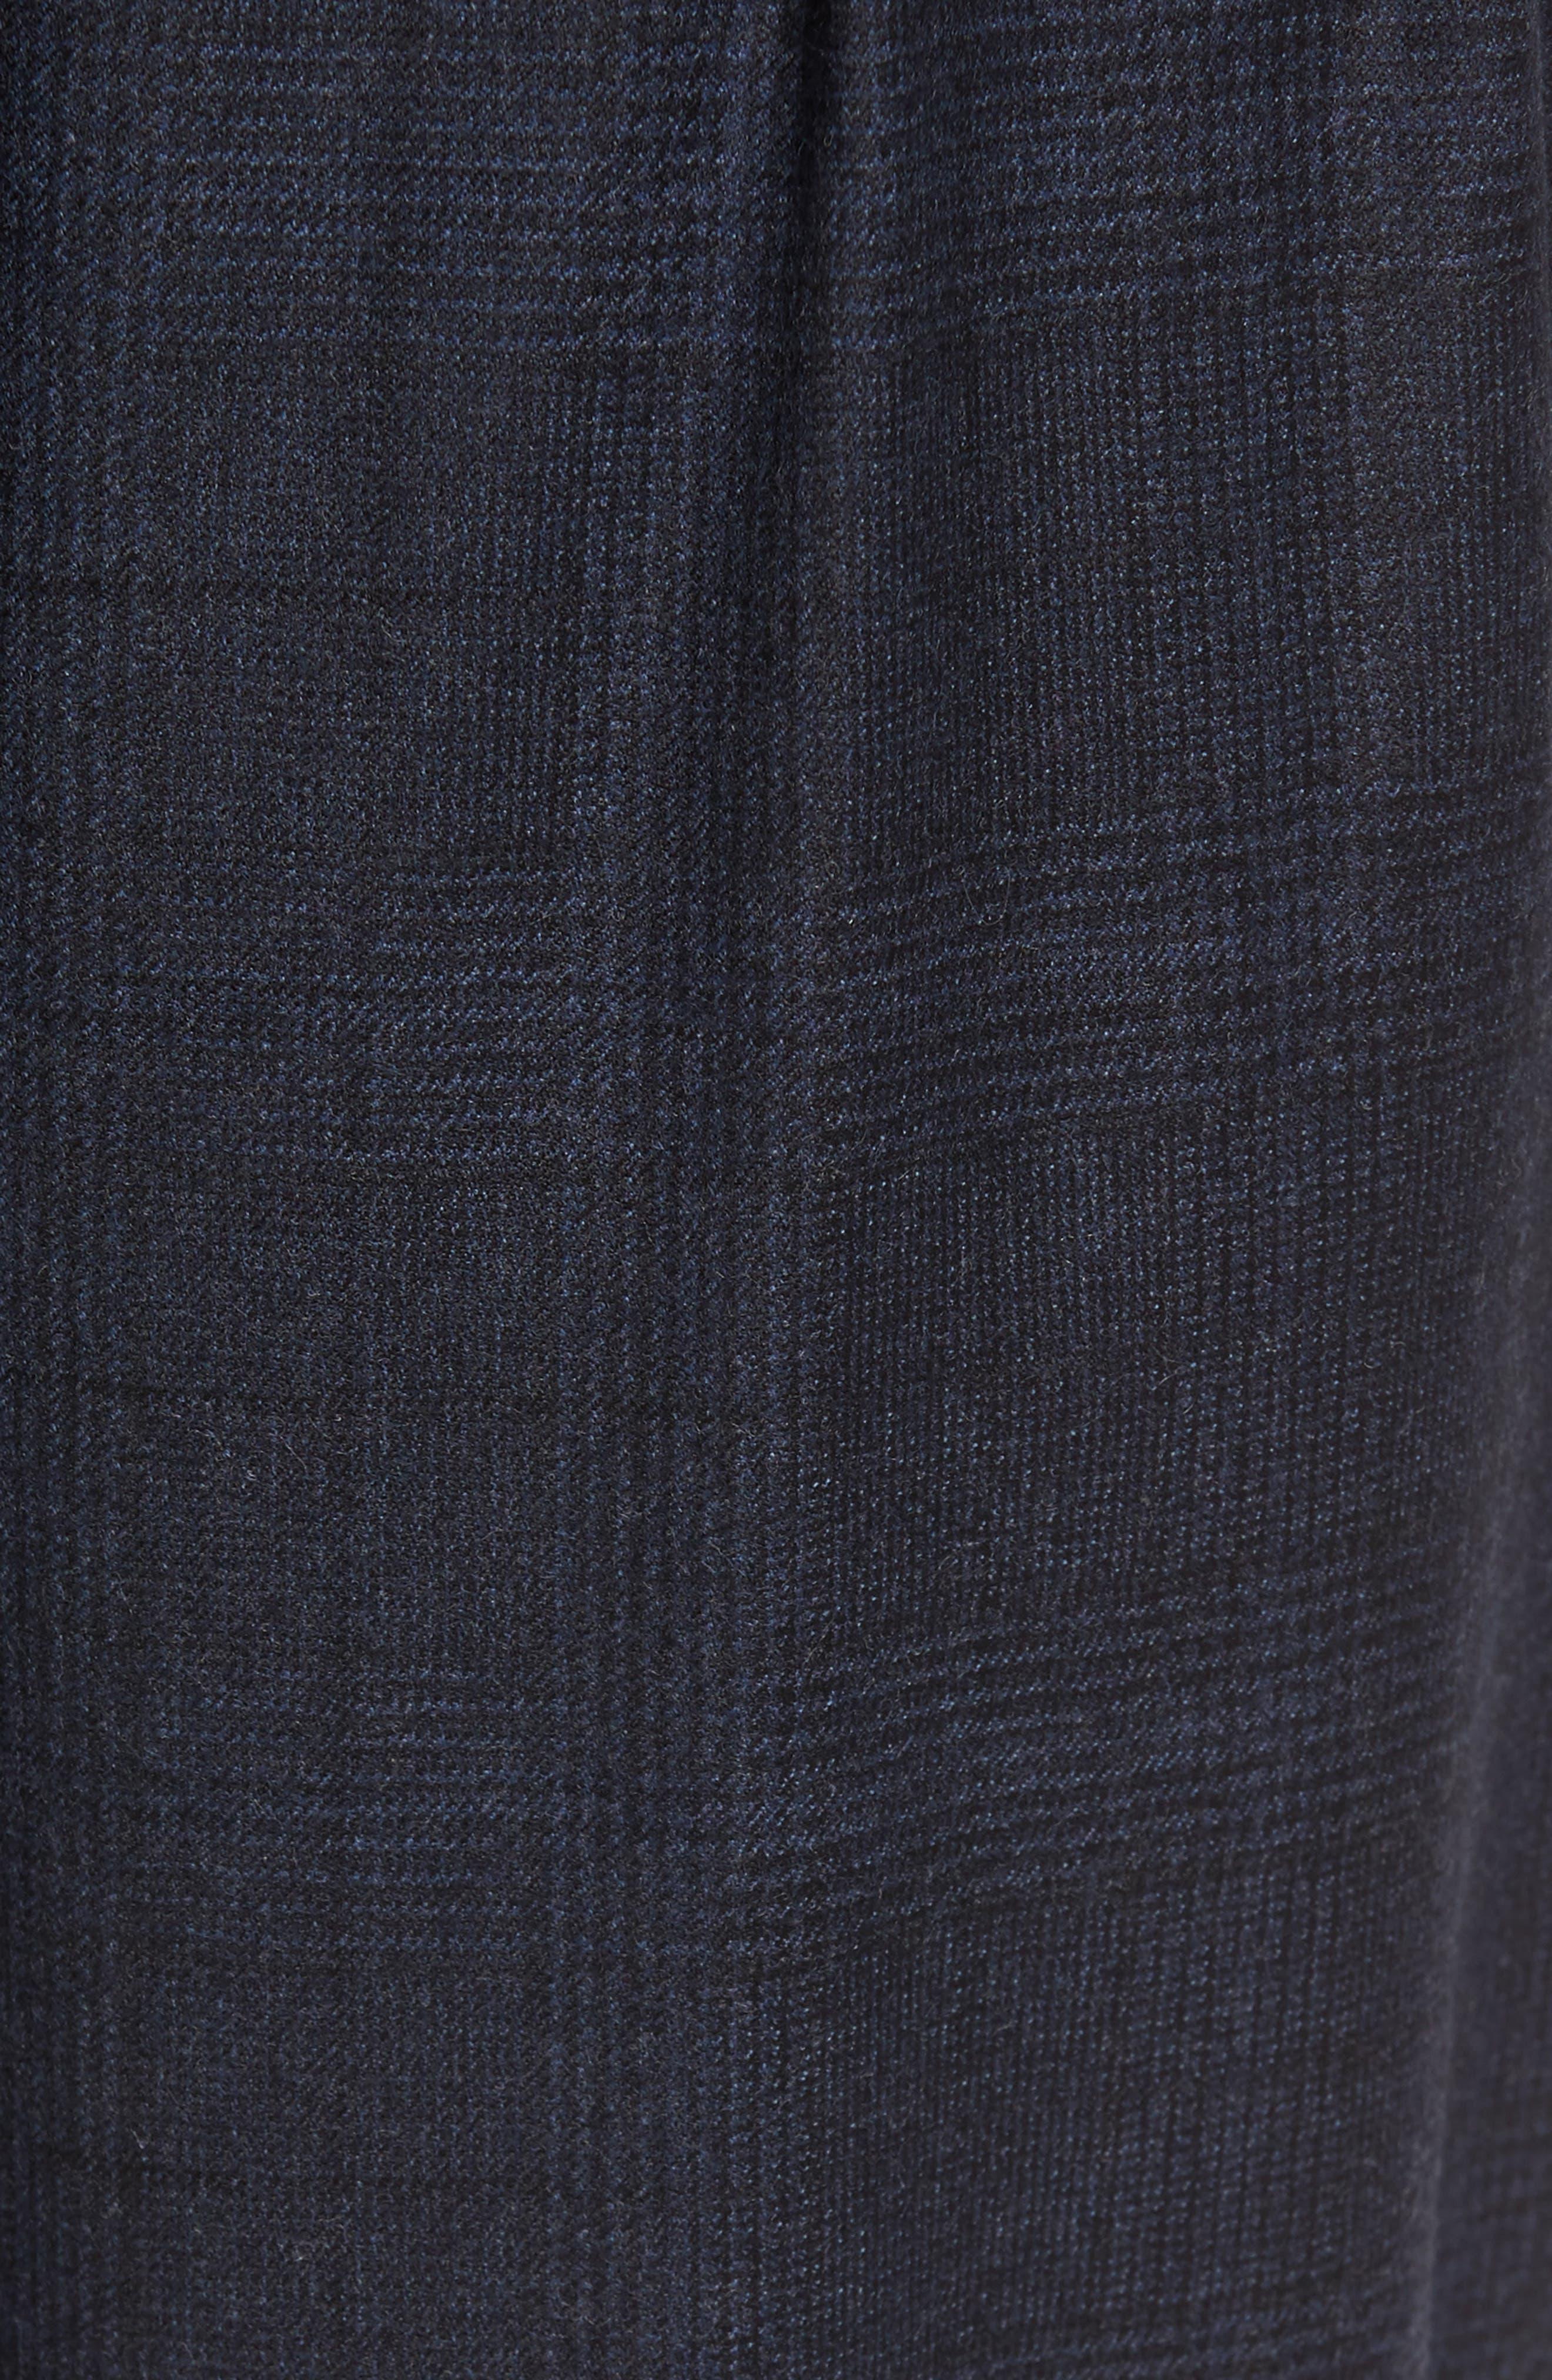 Glen Plaid Pleat Front Wool Pants,                             Alternate thumbnail 5, color,                             410